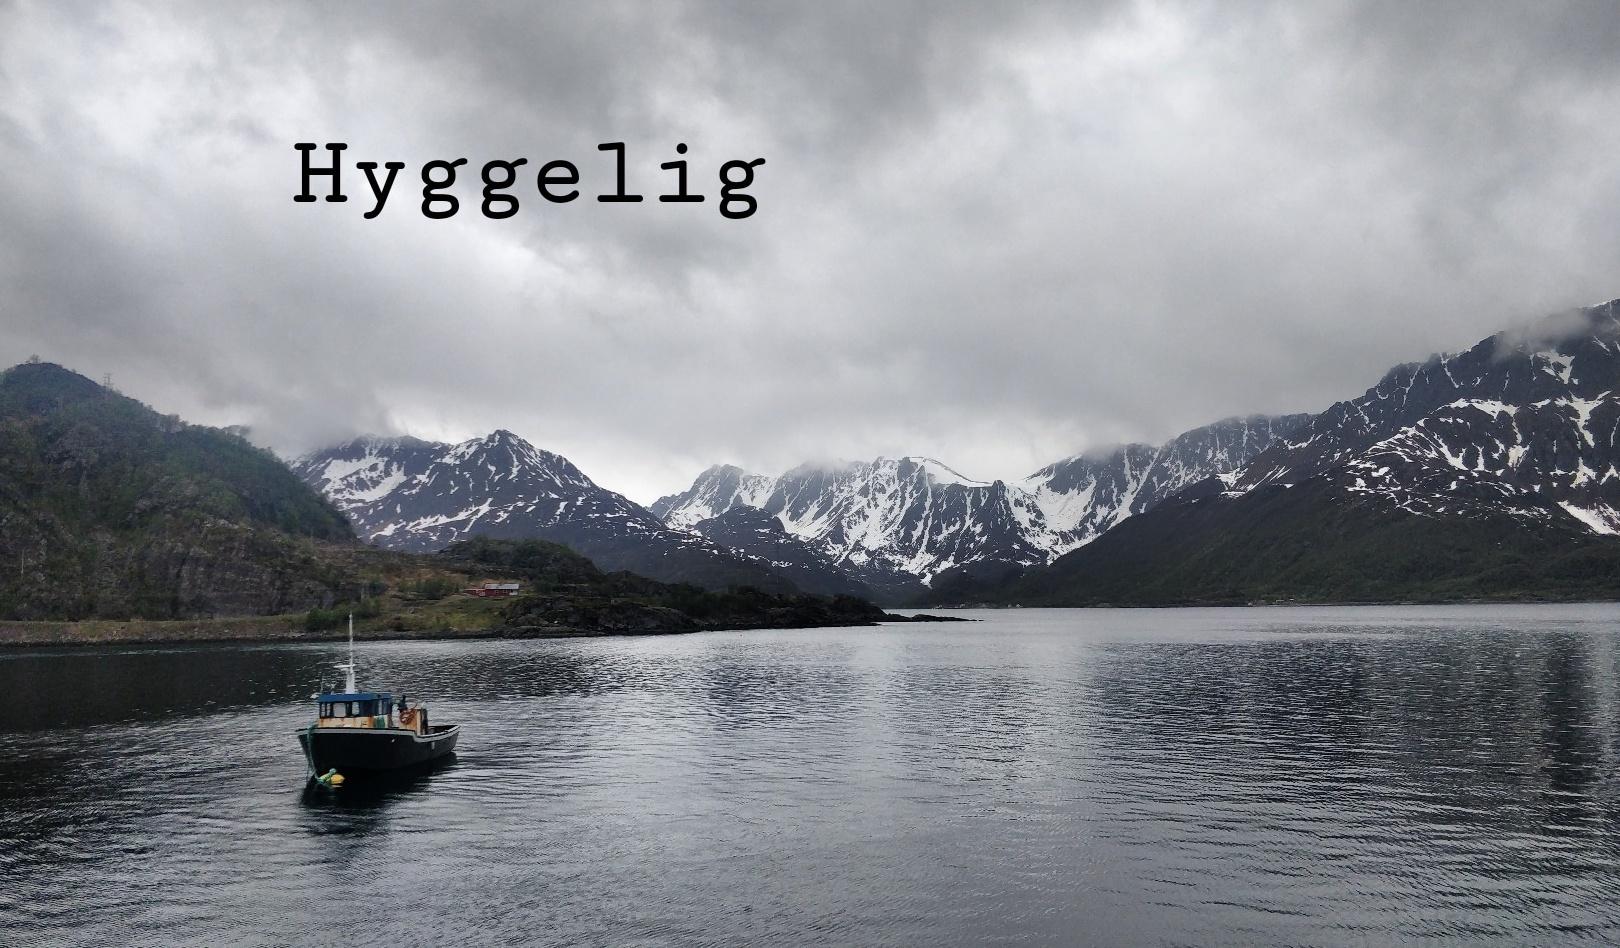 Käännös englannista nykypäivän norjaksi silmänräpäyksessä